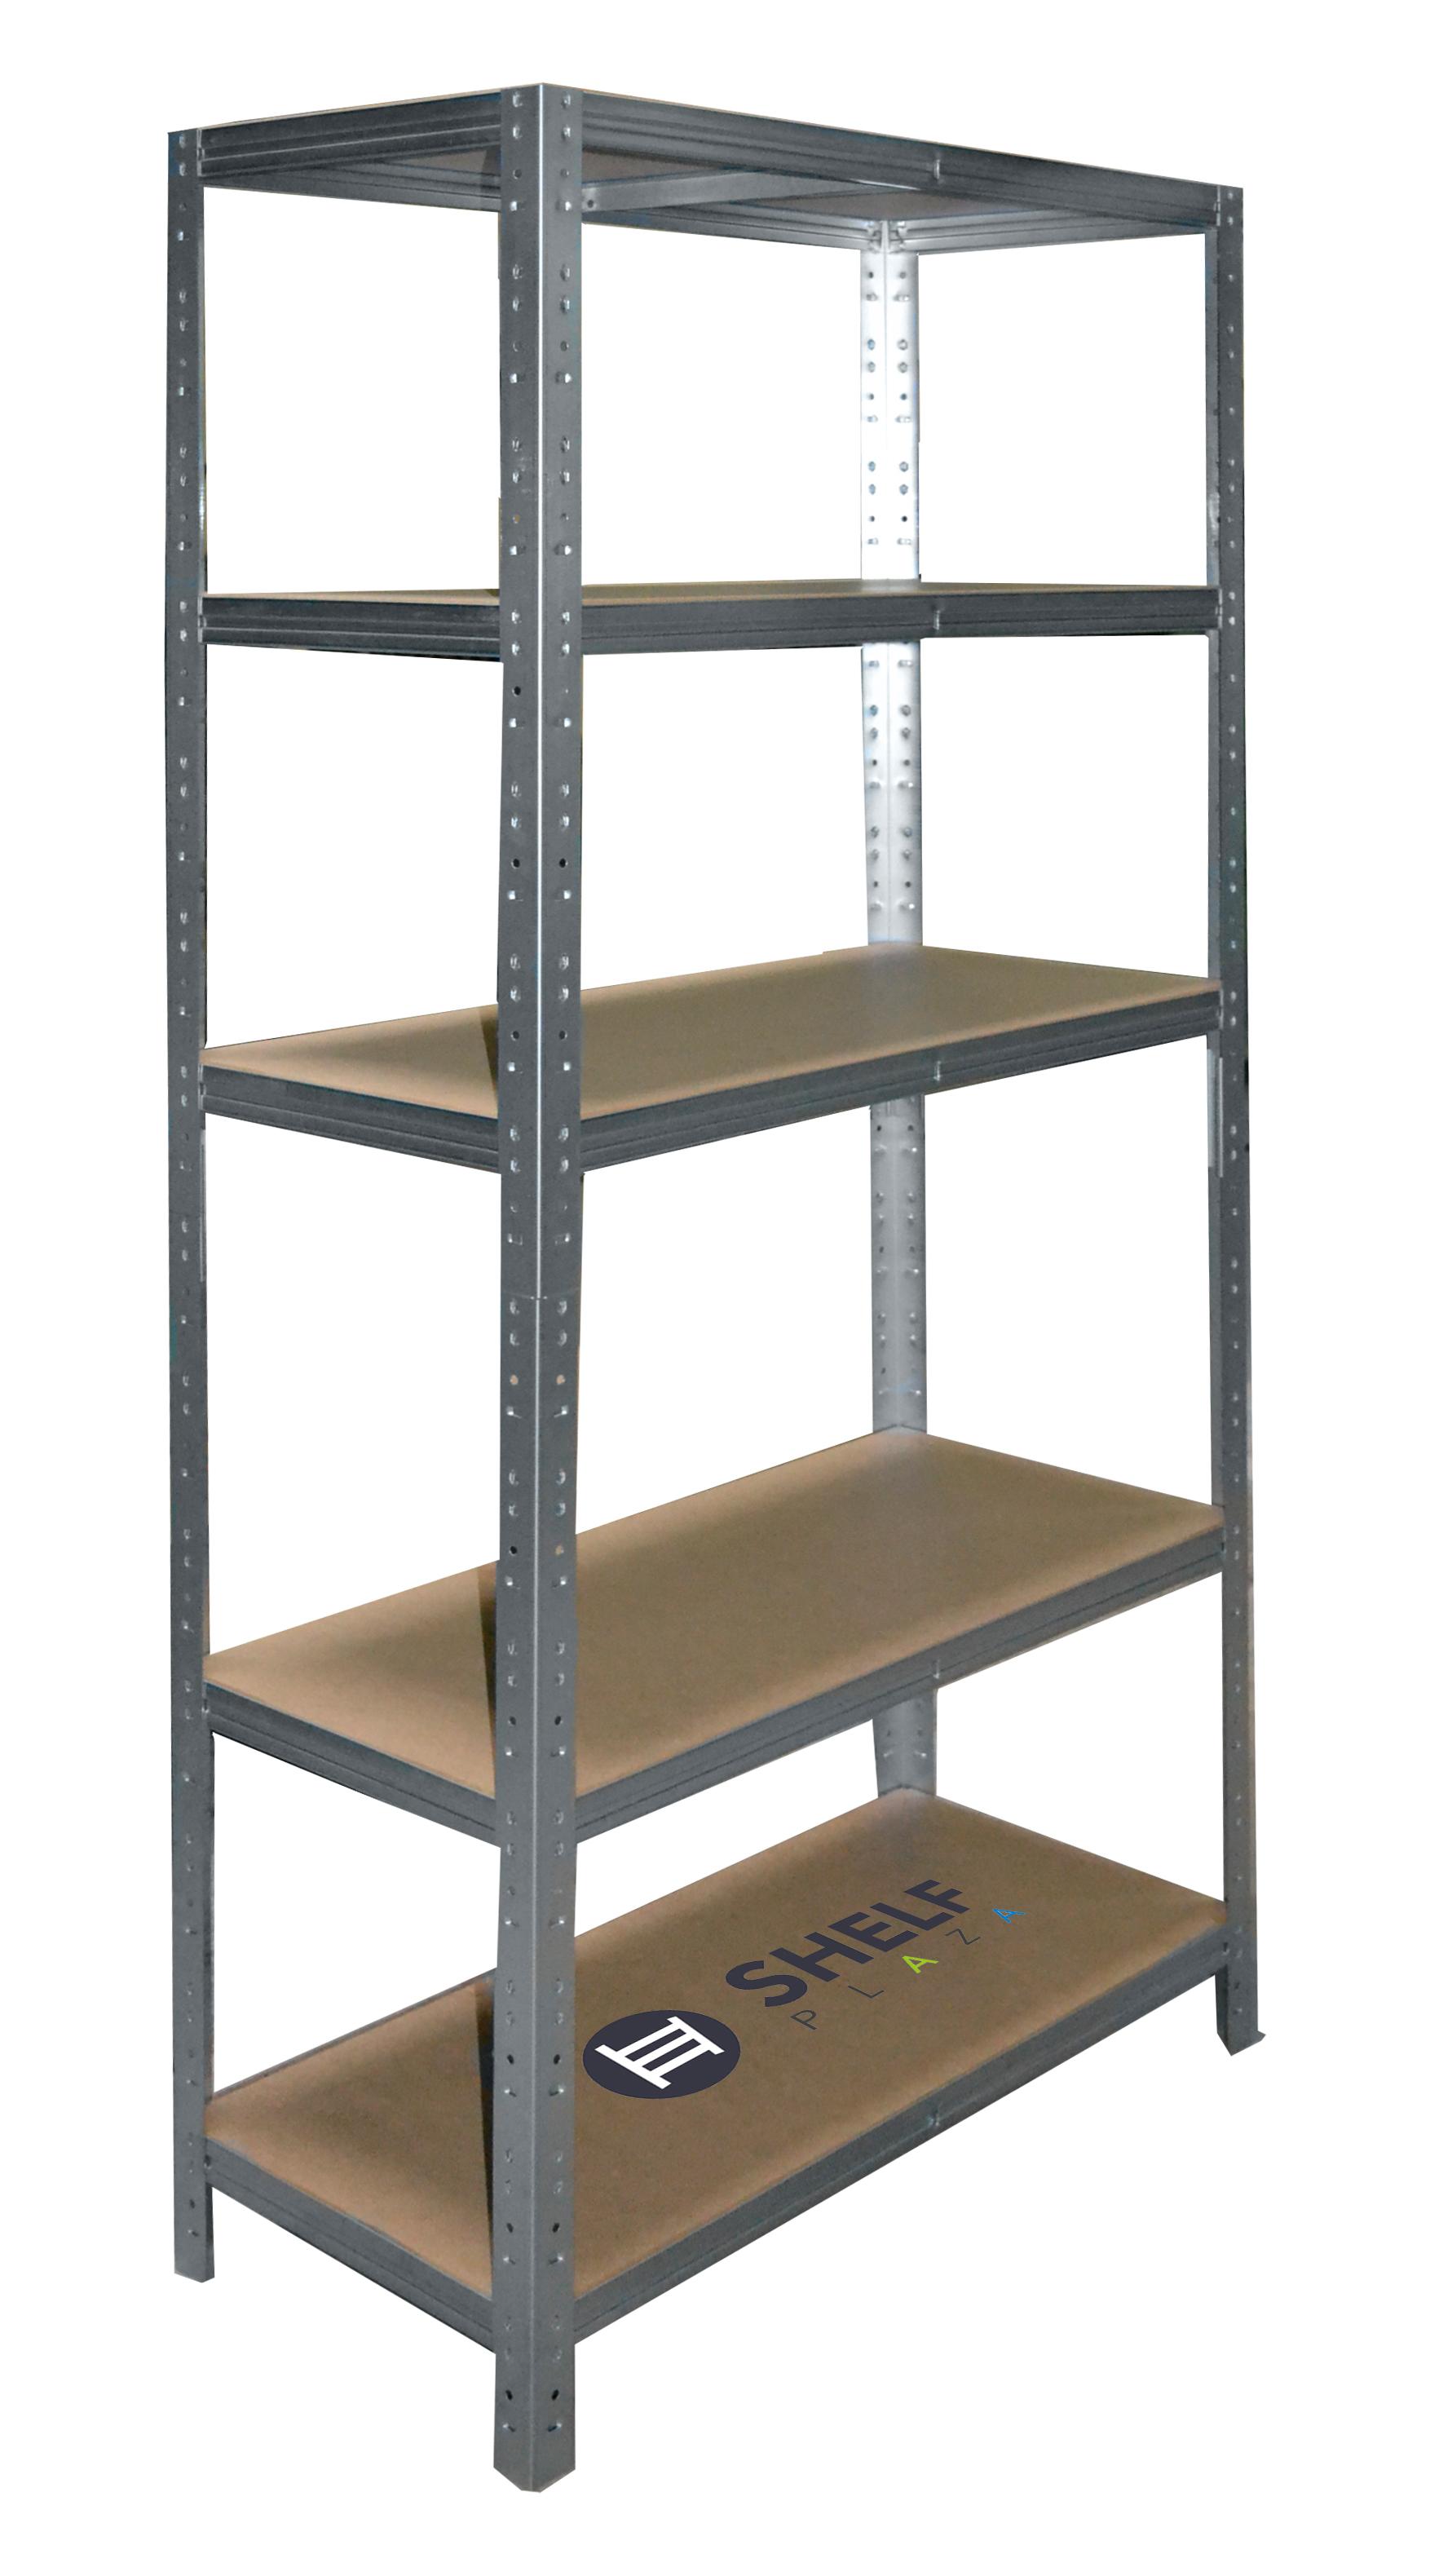 steckregal tiefe 60 cm h he 90 155 180 200 230 cm kellerregal lagerregal regal ebay. Black Bedroom Furniture Sets. Home Design Ideas